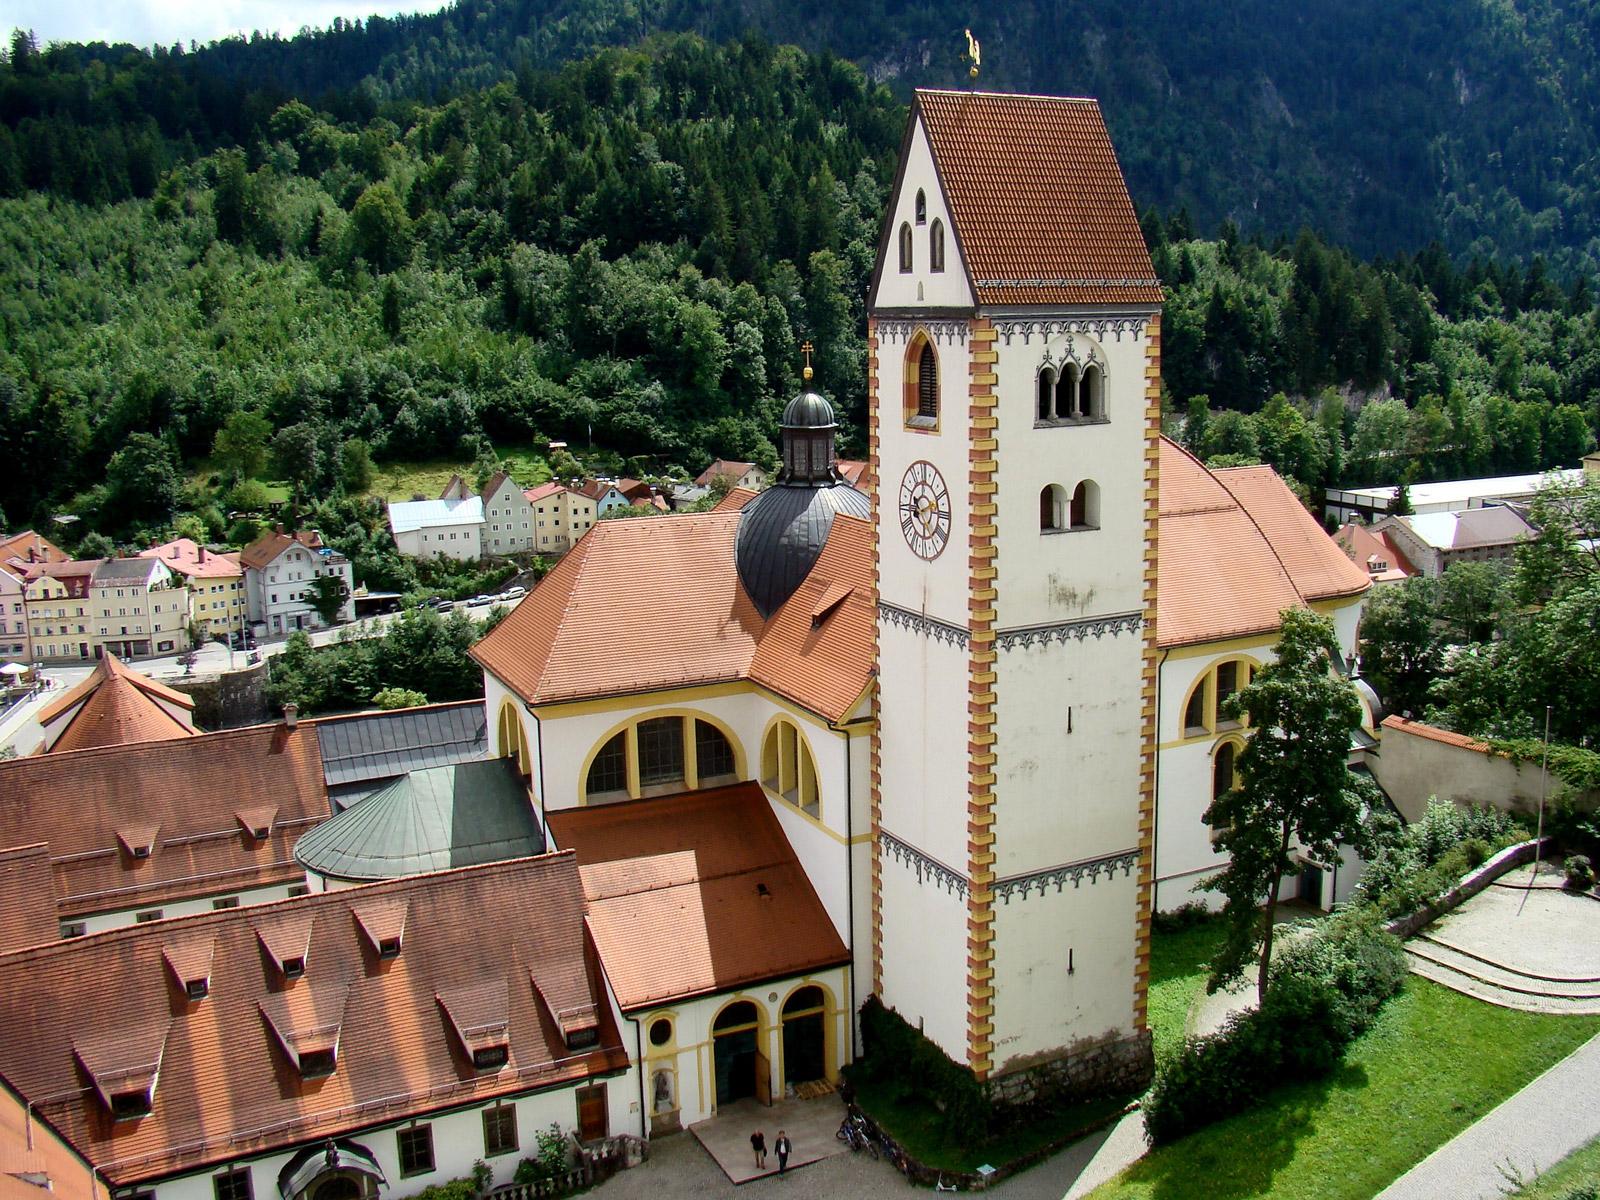 St. Mang in Füssen (Foto: Pfarrei St. Mang)